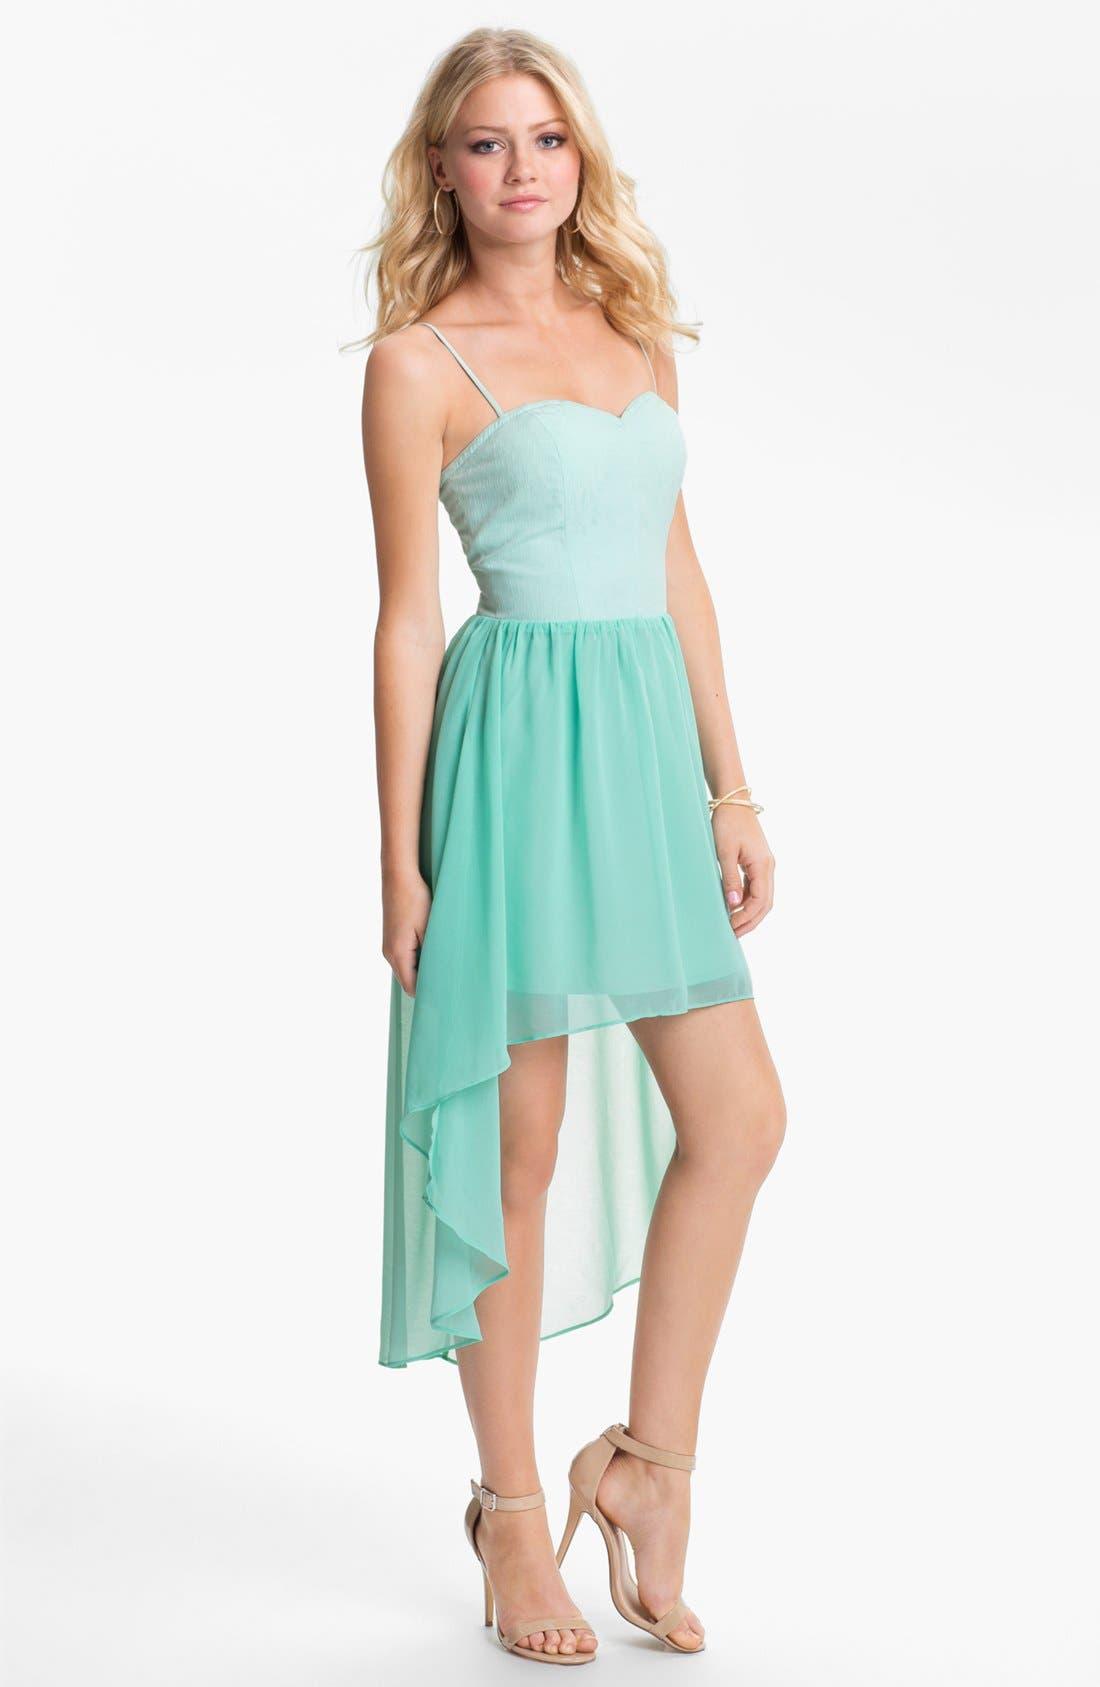 Main Image - En Crème High/Low Bustier Dress & Accessories